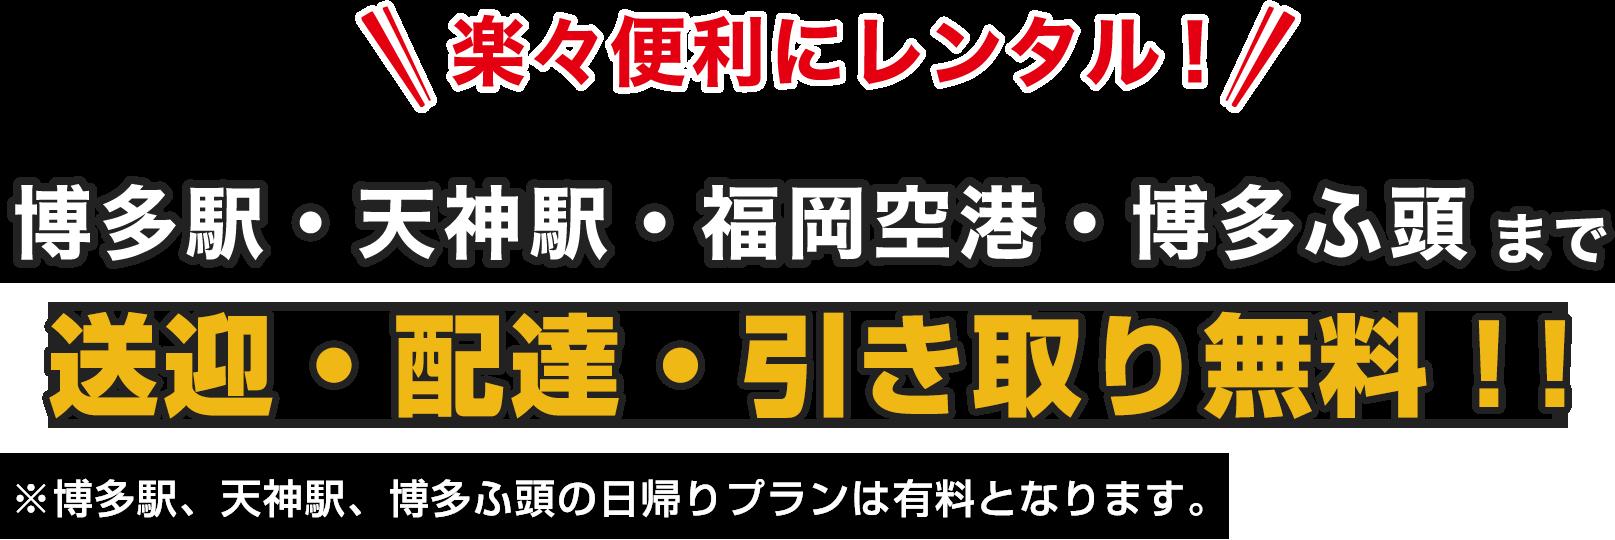 博多駅・天神駅・福岡空港・博多ふ頭まで送迎・配達・引取無料!!